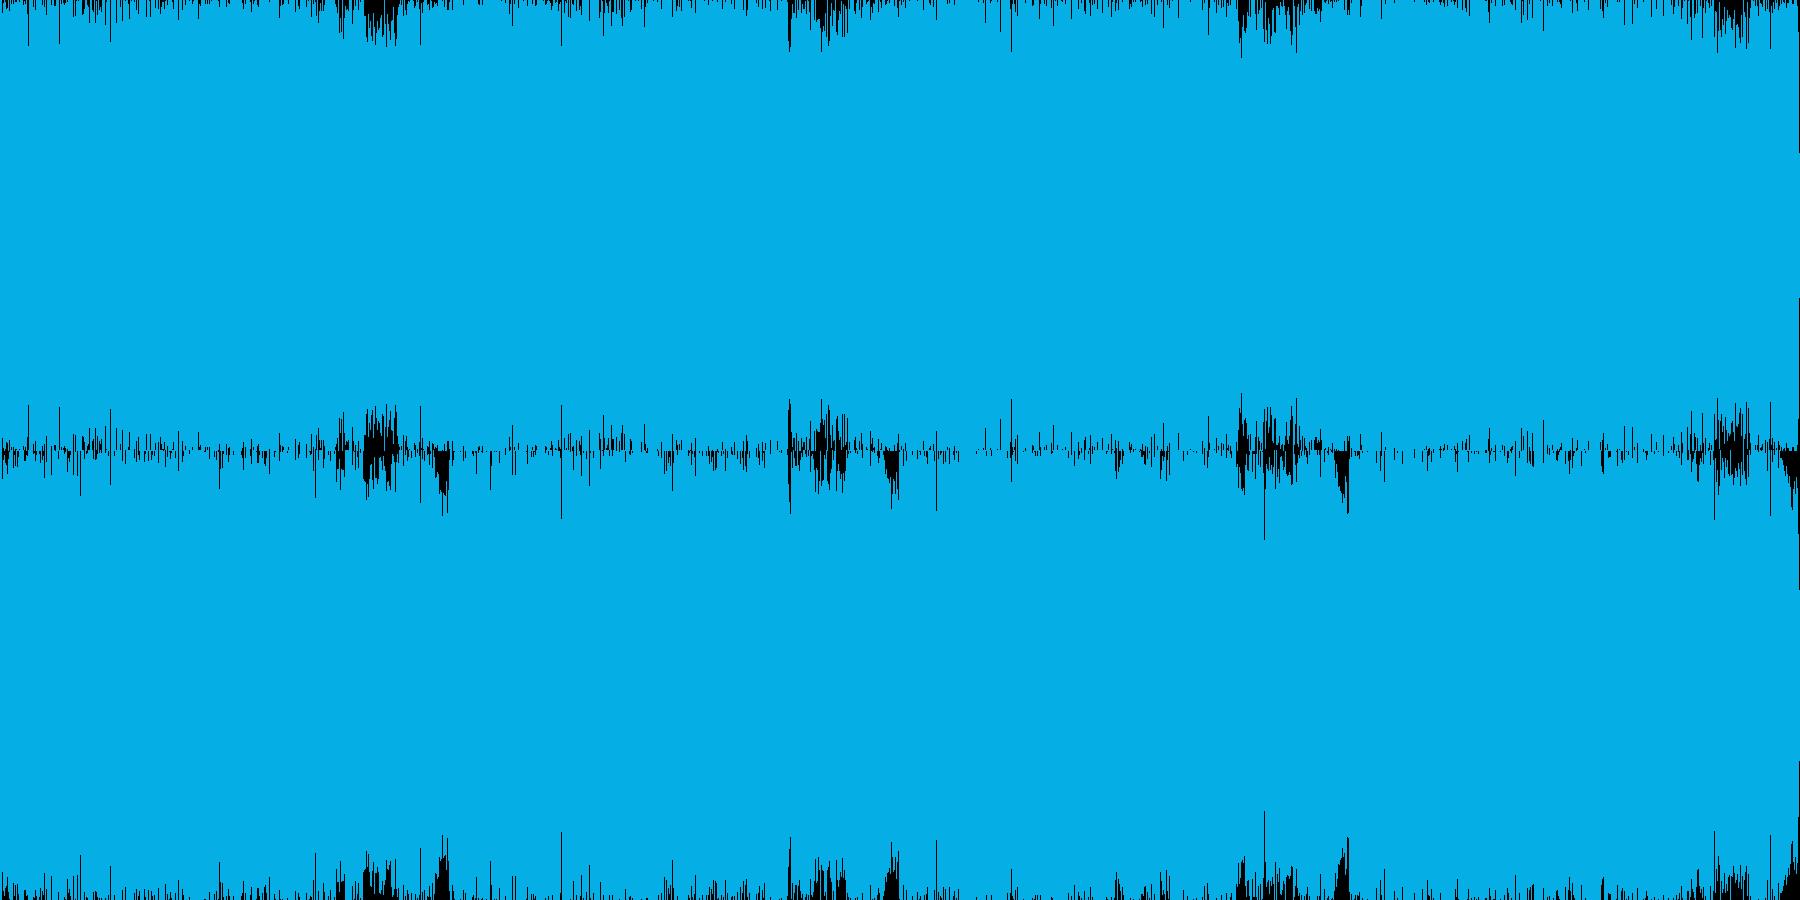 【ギュイーン】パチンコの演出などにの再生済みの波形